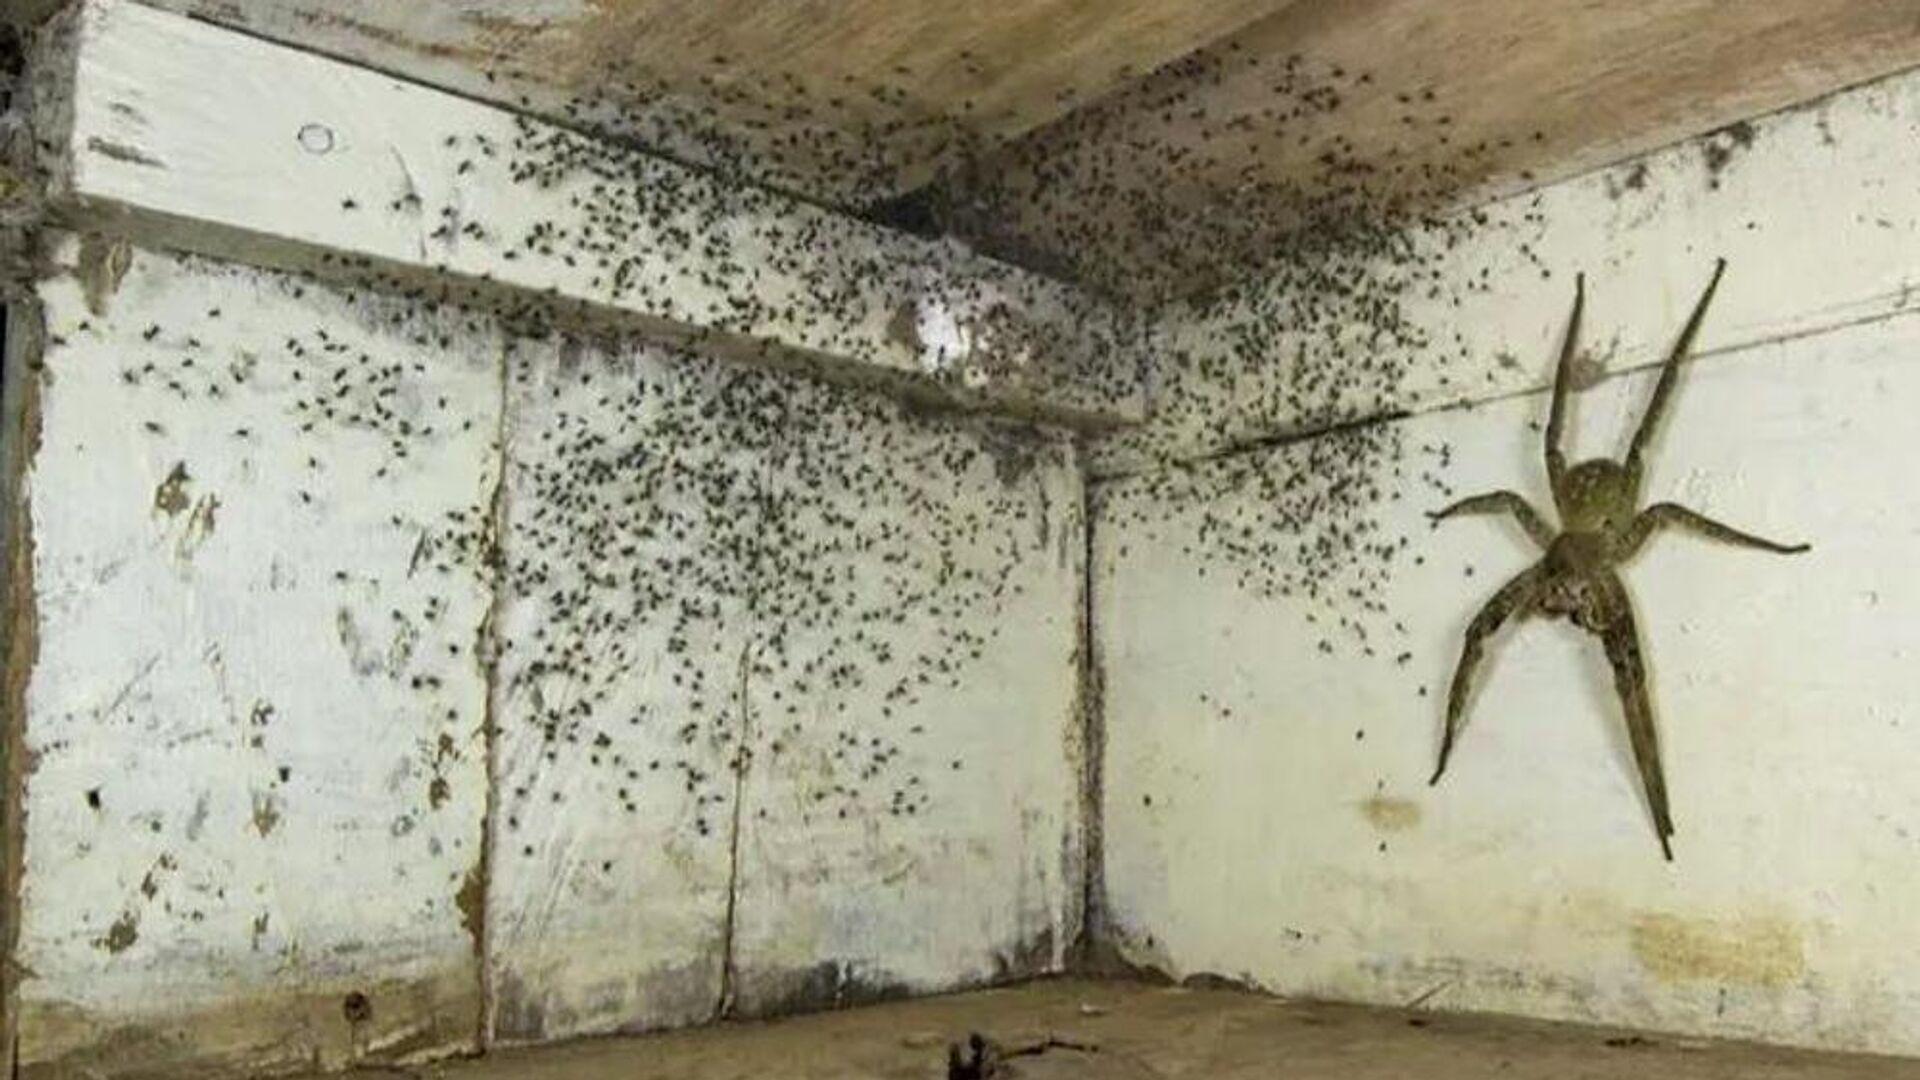 Άντρας βρήκε τεράστια δηλητηριώδη αράχνη κάτω από το κρεβάτι να έχει γεννήσει χιλιάδες αραχνάκια - Sputnik Ελλάδα, 1920, 14.10.2021